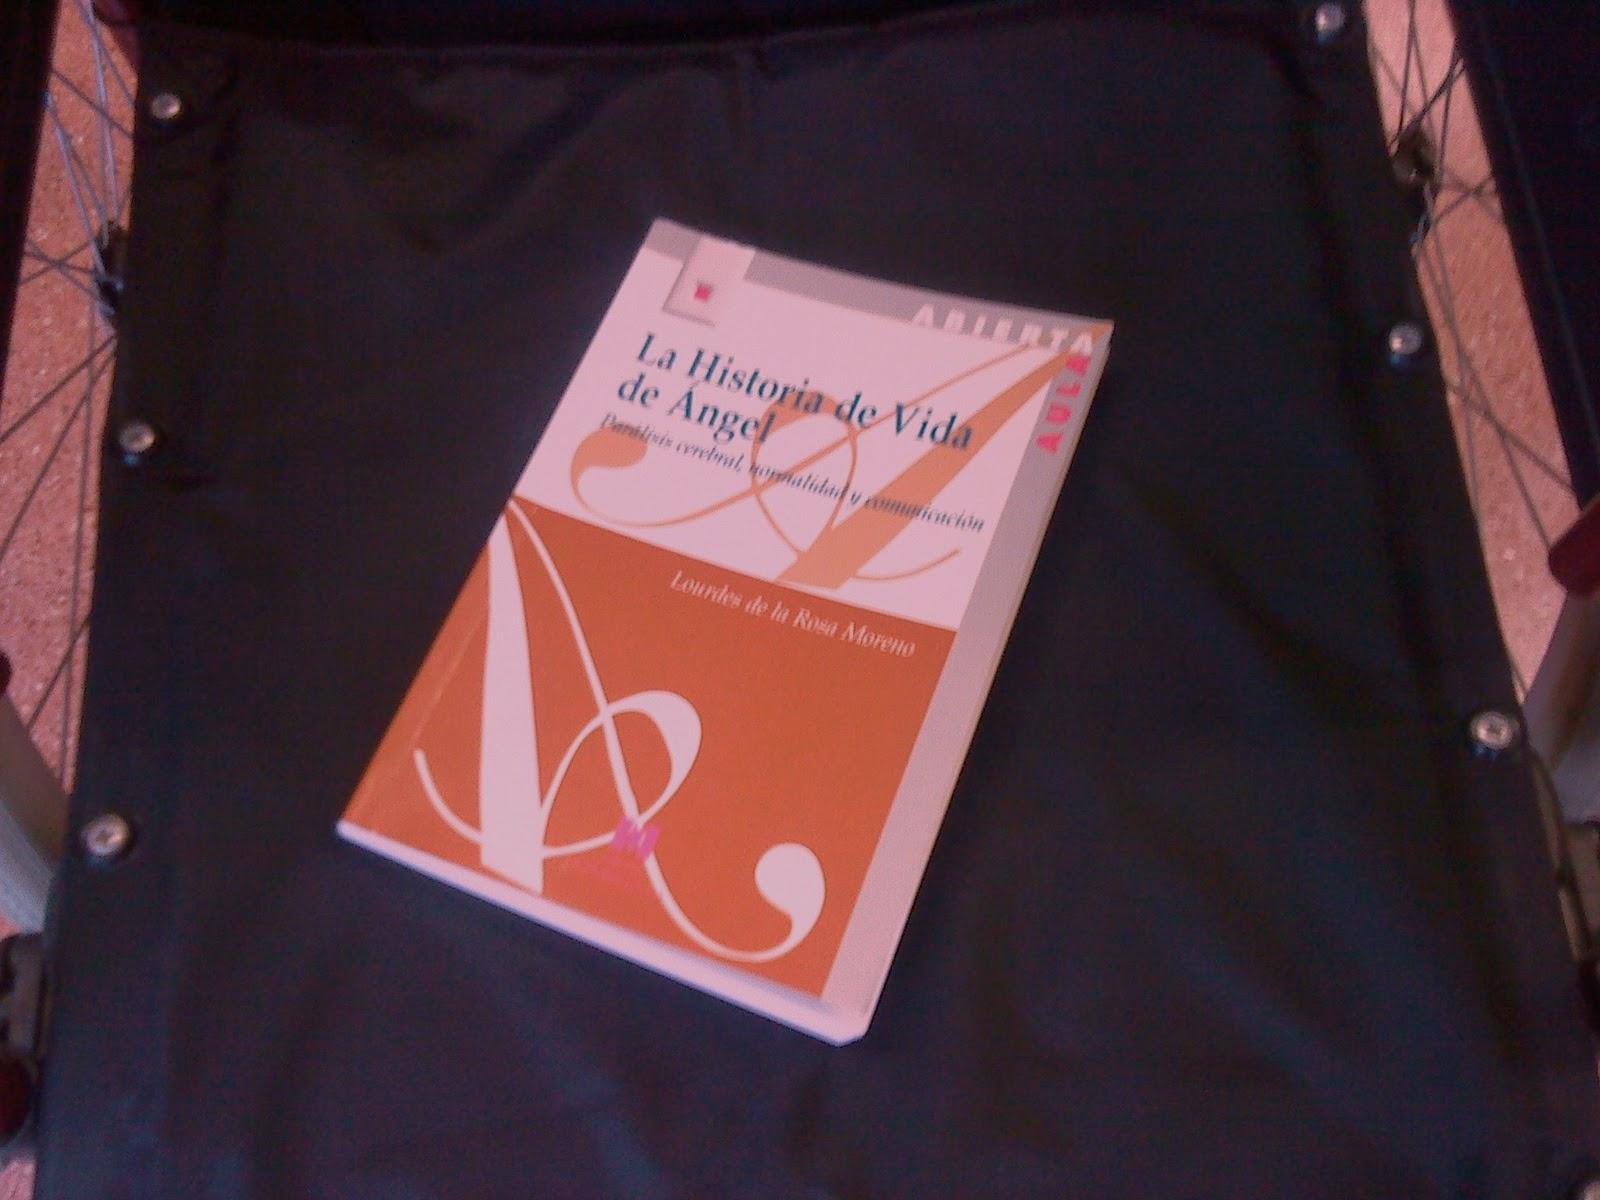 El libro objeto de este artículo sobre una silla de ruedas sin ocupar